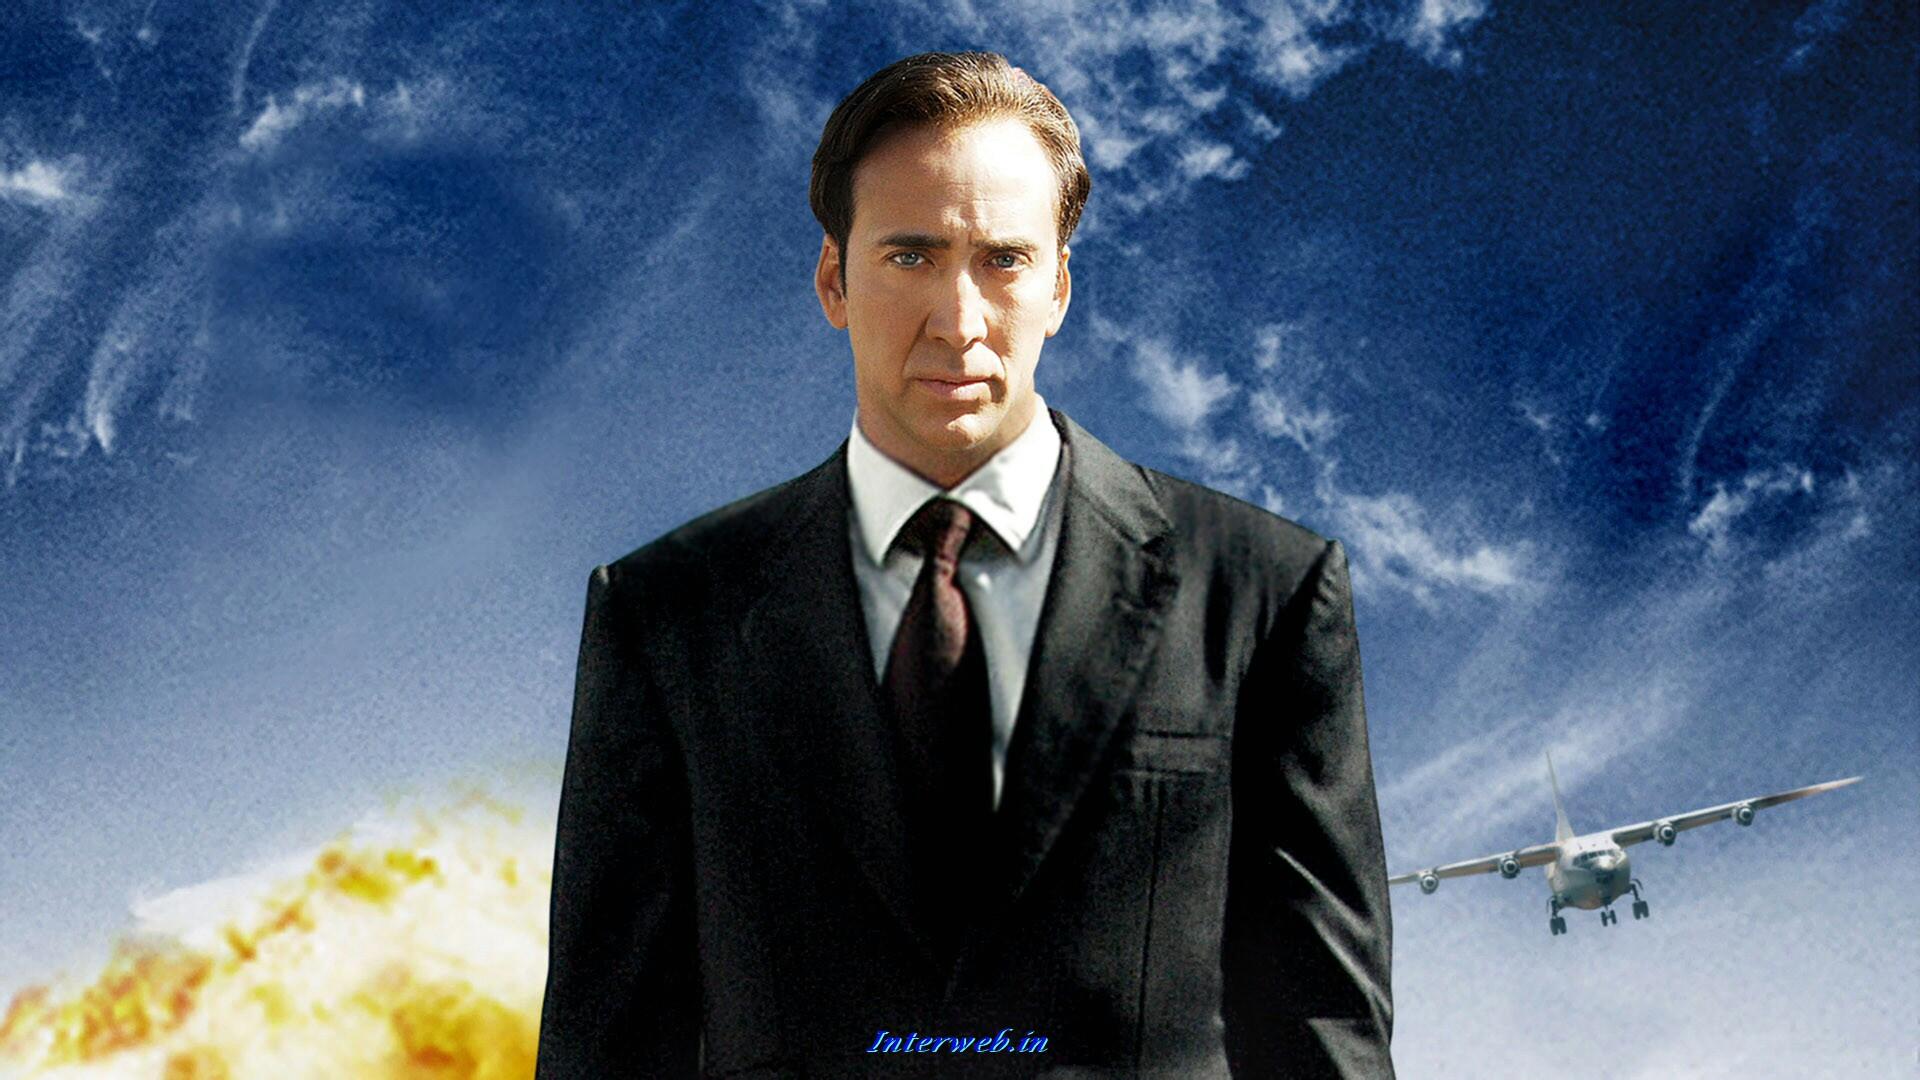 Nicolas Cage Wallpaper HD